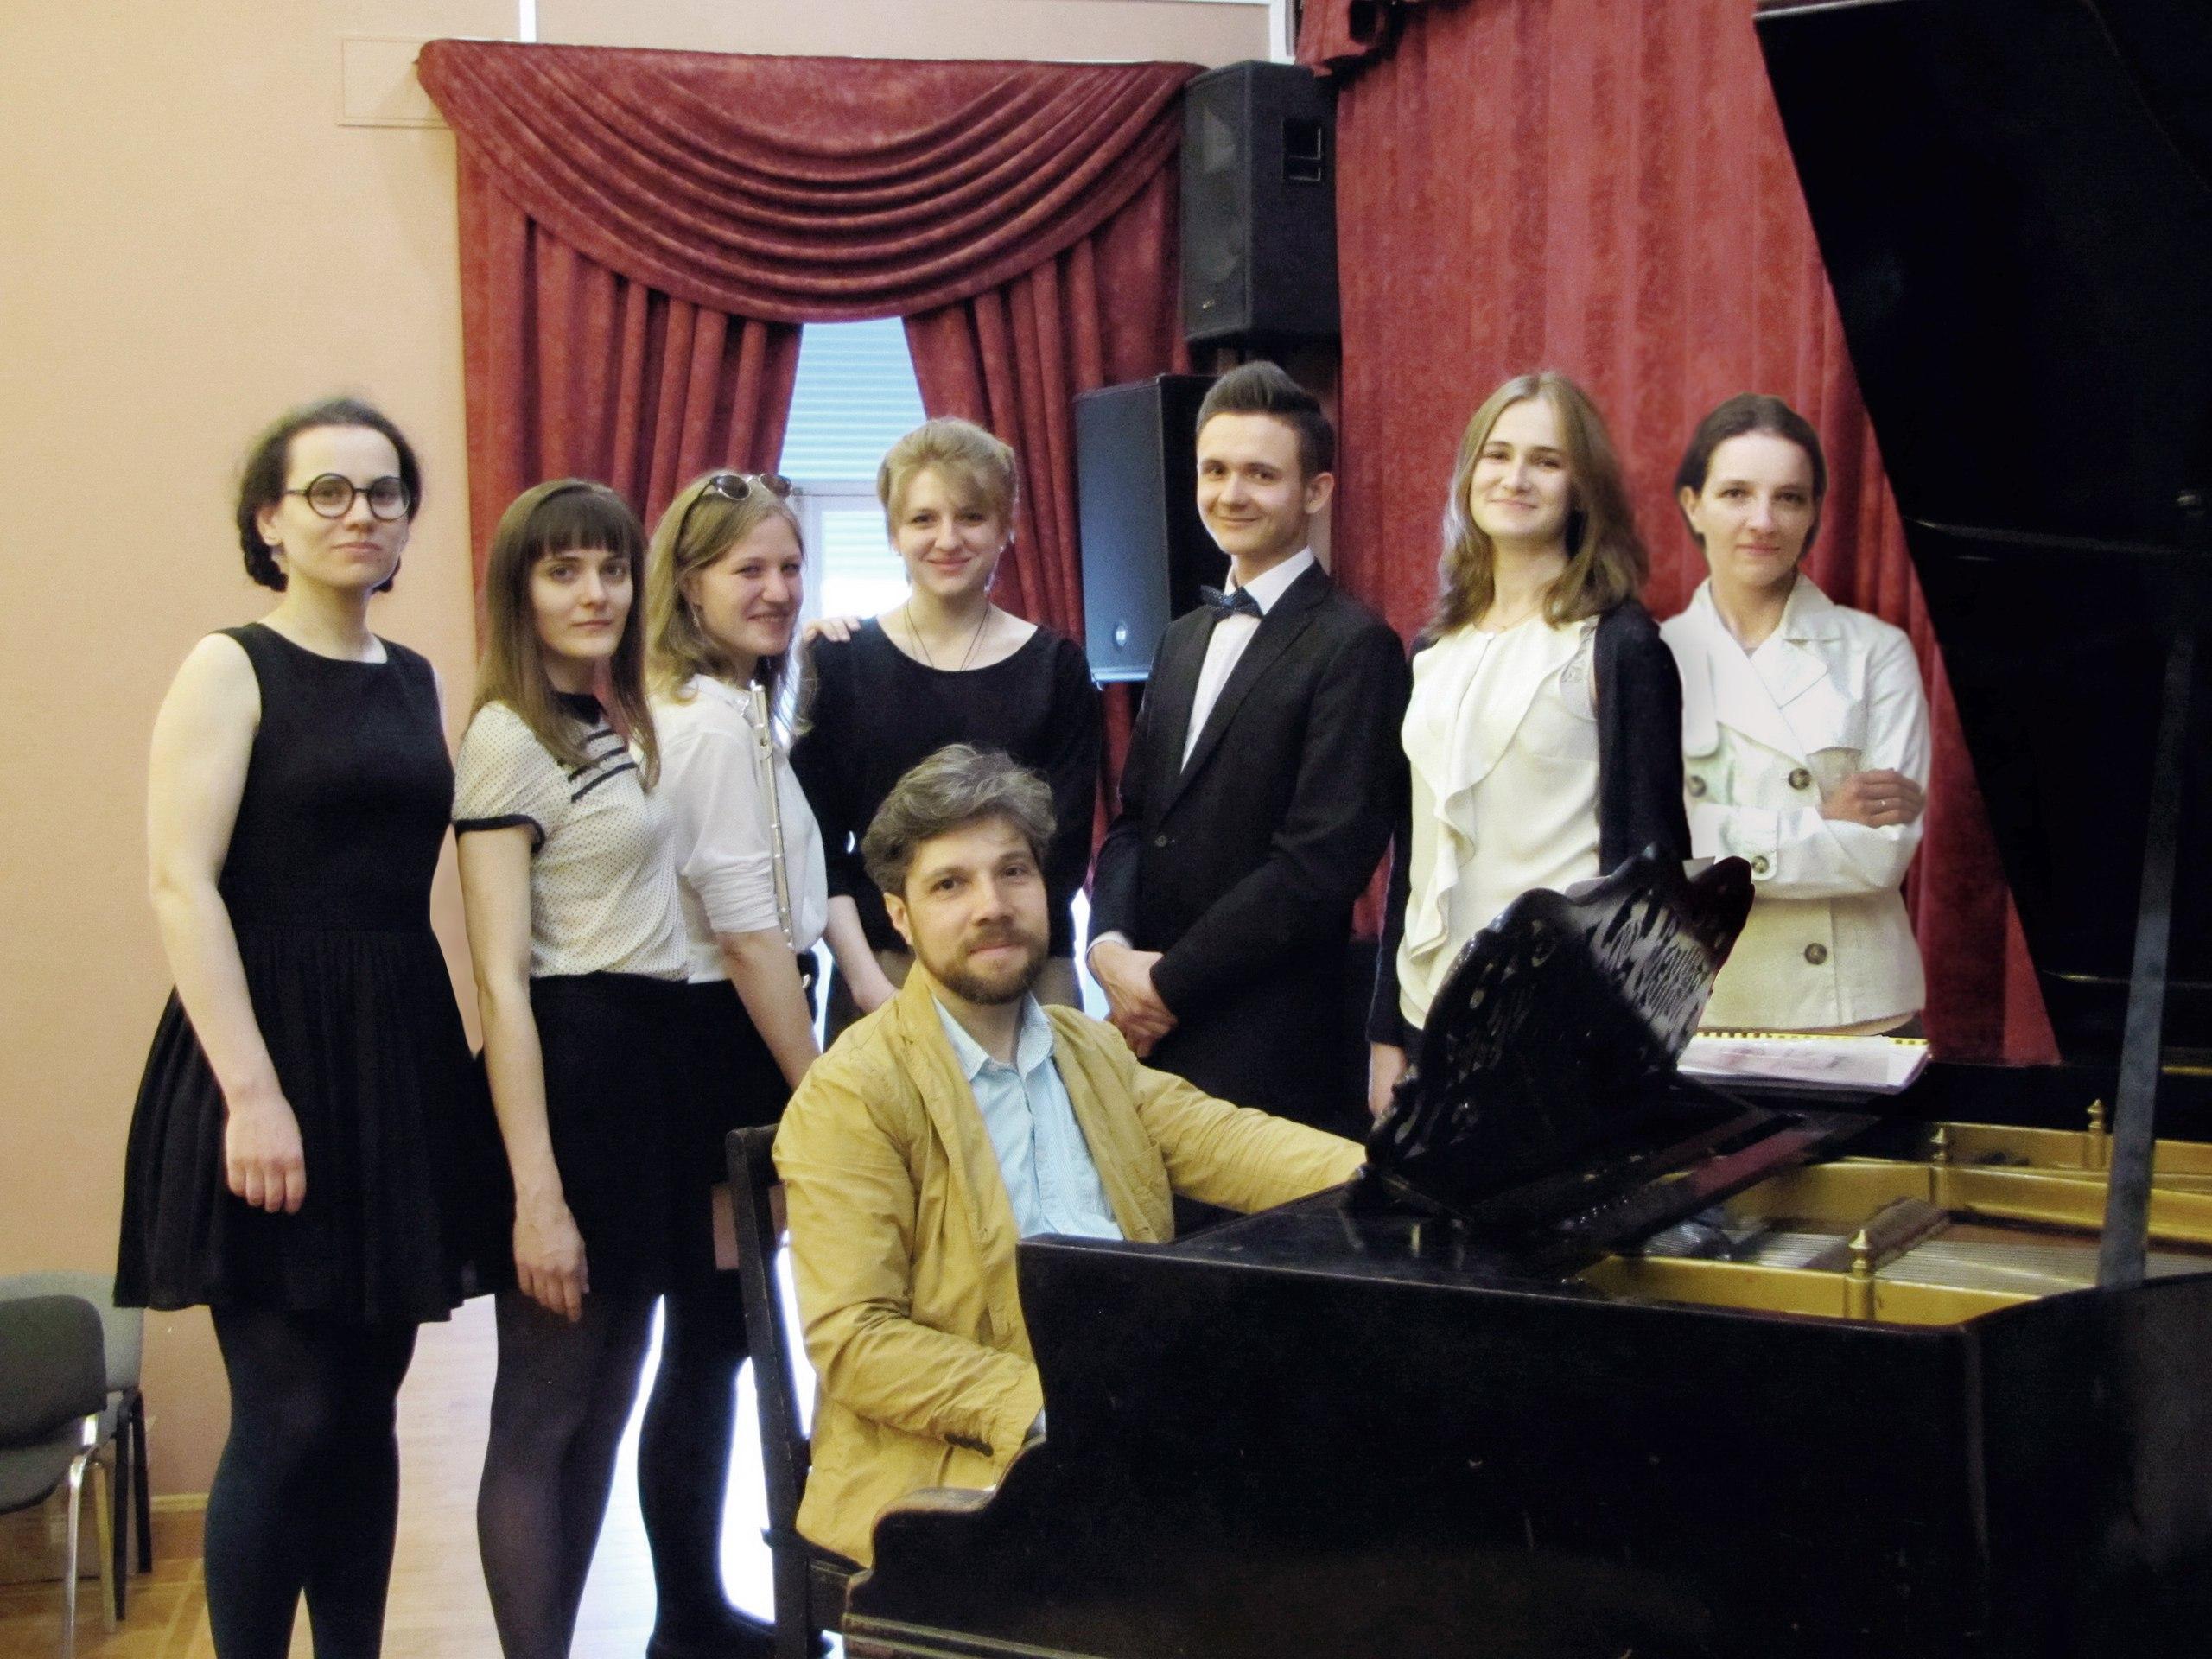 Творческий коллектив музыкальной студии МАРХИ «Euterpe» приглашает к участию музыкантов и исполнителей